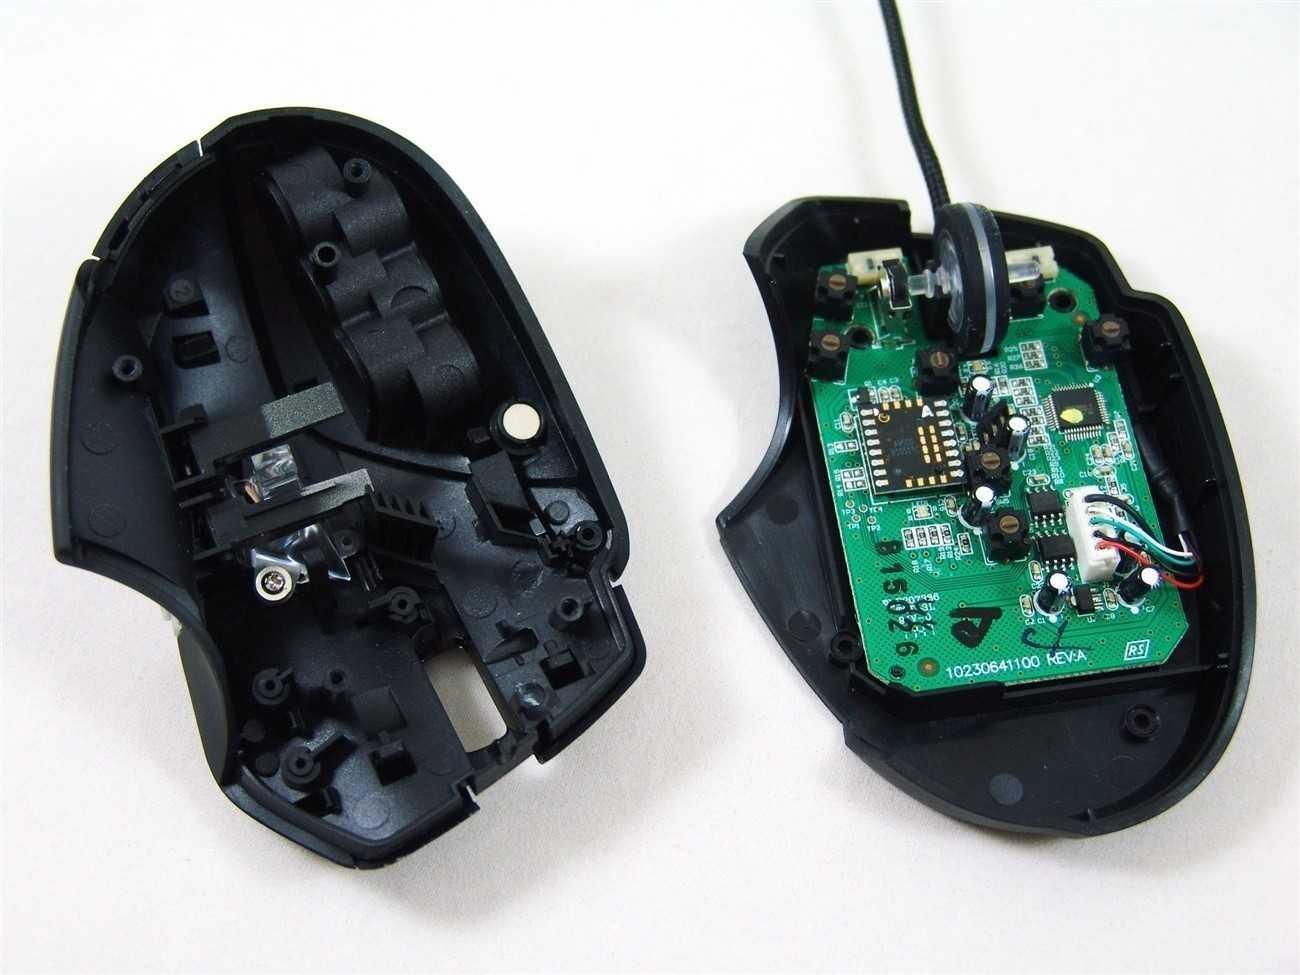 Мышка светится, но курсор не работает